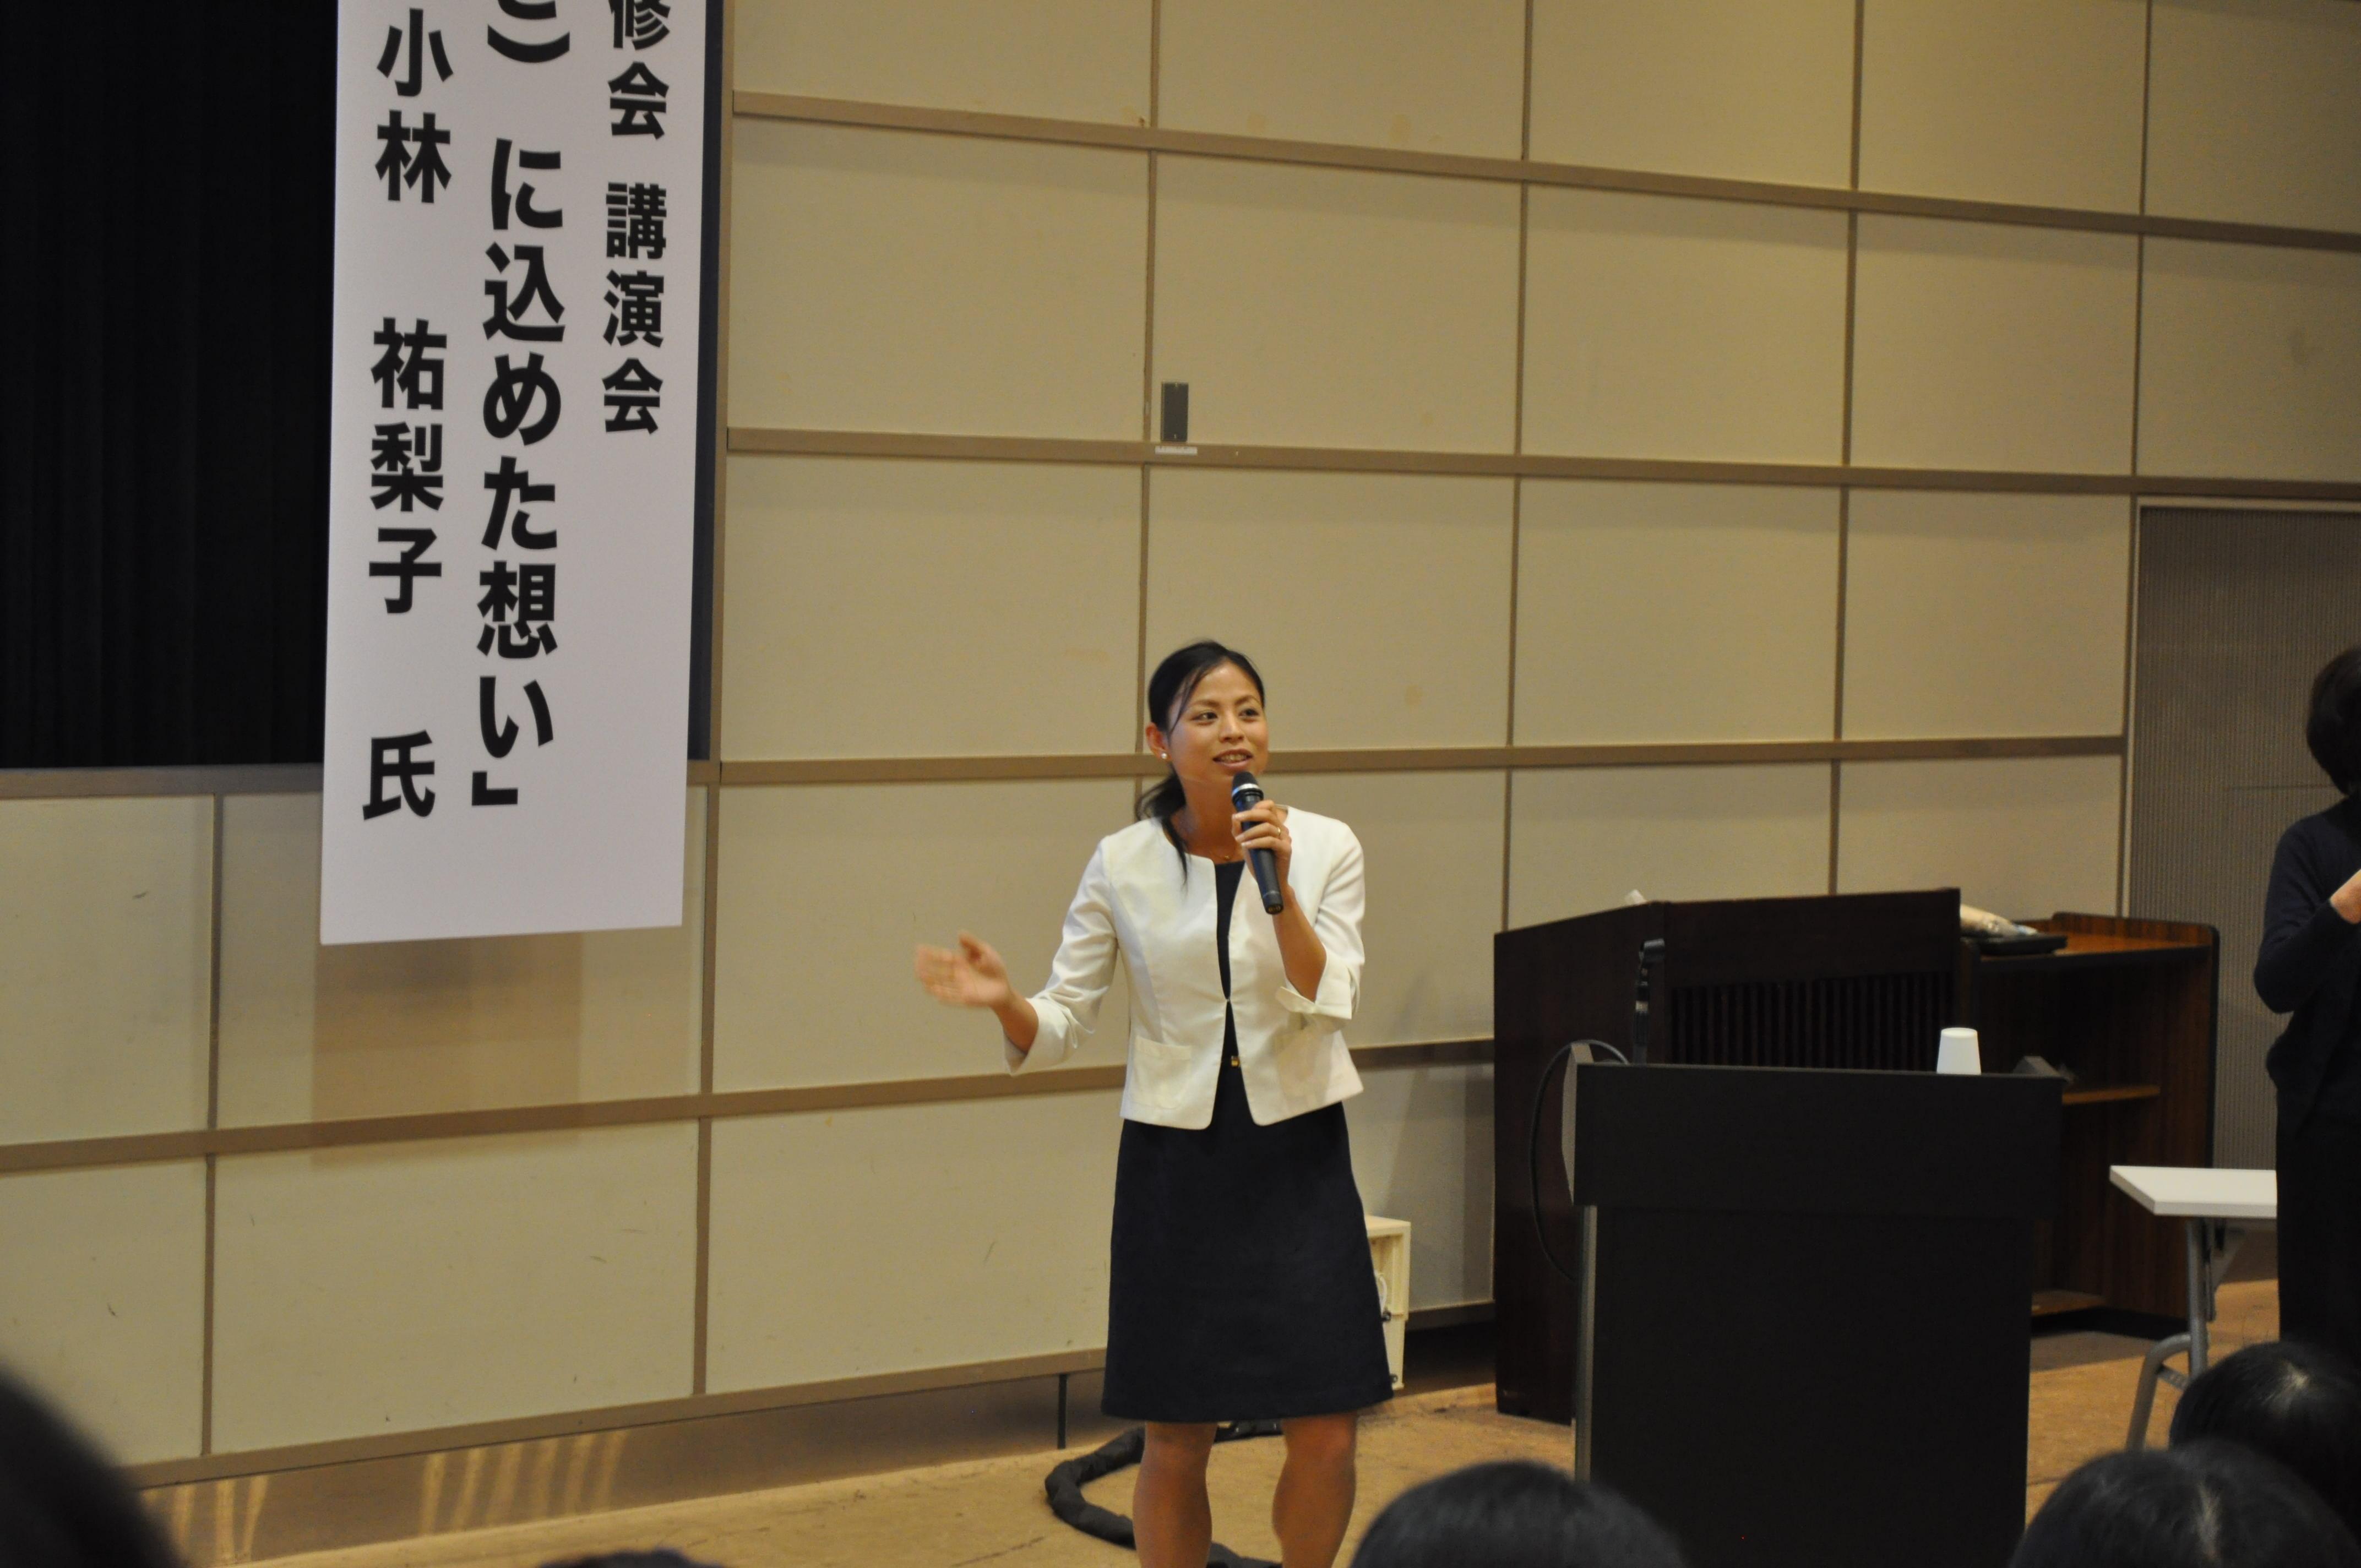 記事 神戸市総合教育センター「PTA人権研修会」のアイキャッチ画像